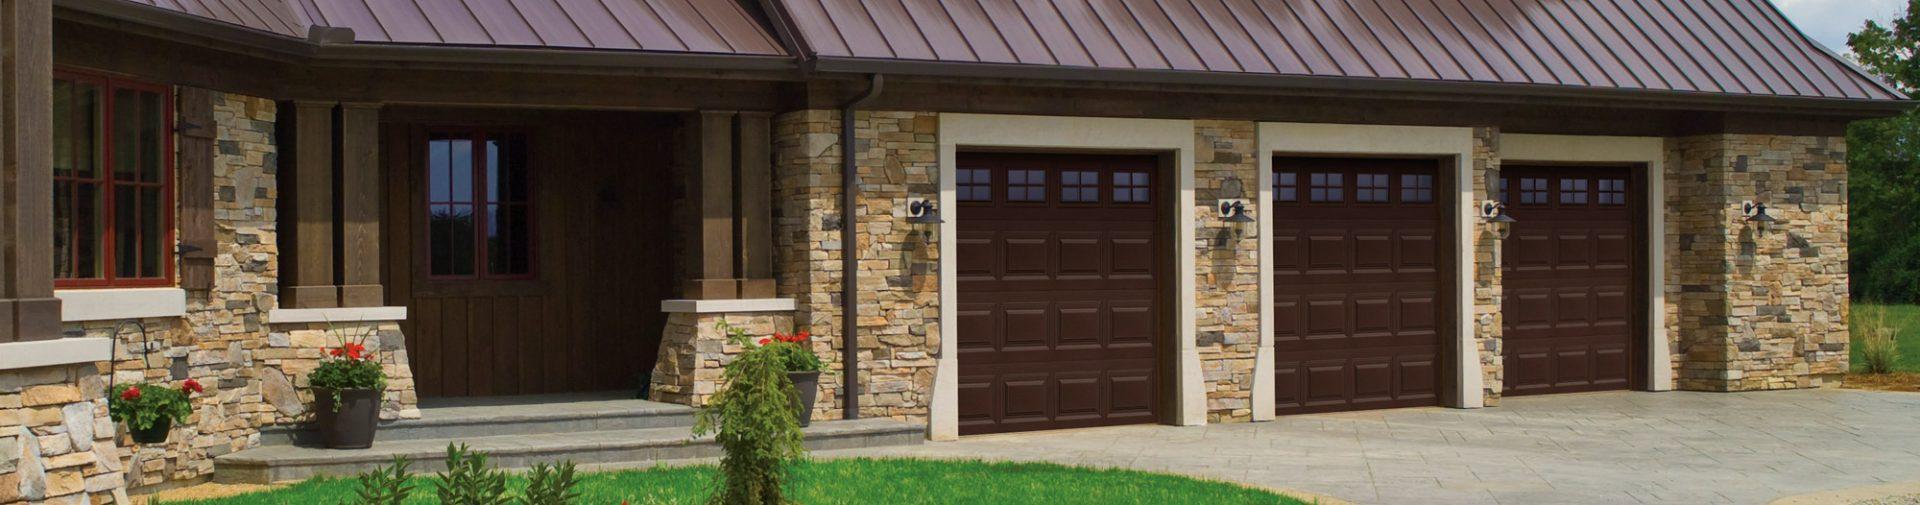 Garage door opener repair ae door window cincinnati oh for Garage doors cincinnati oh